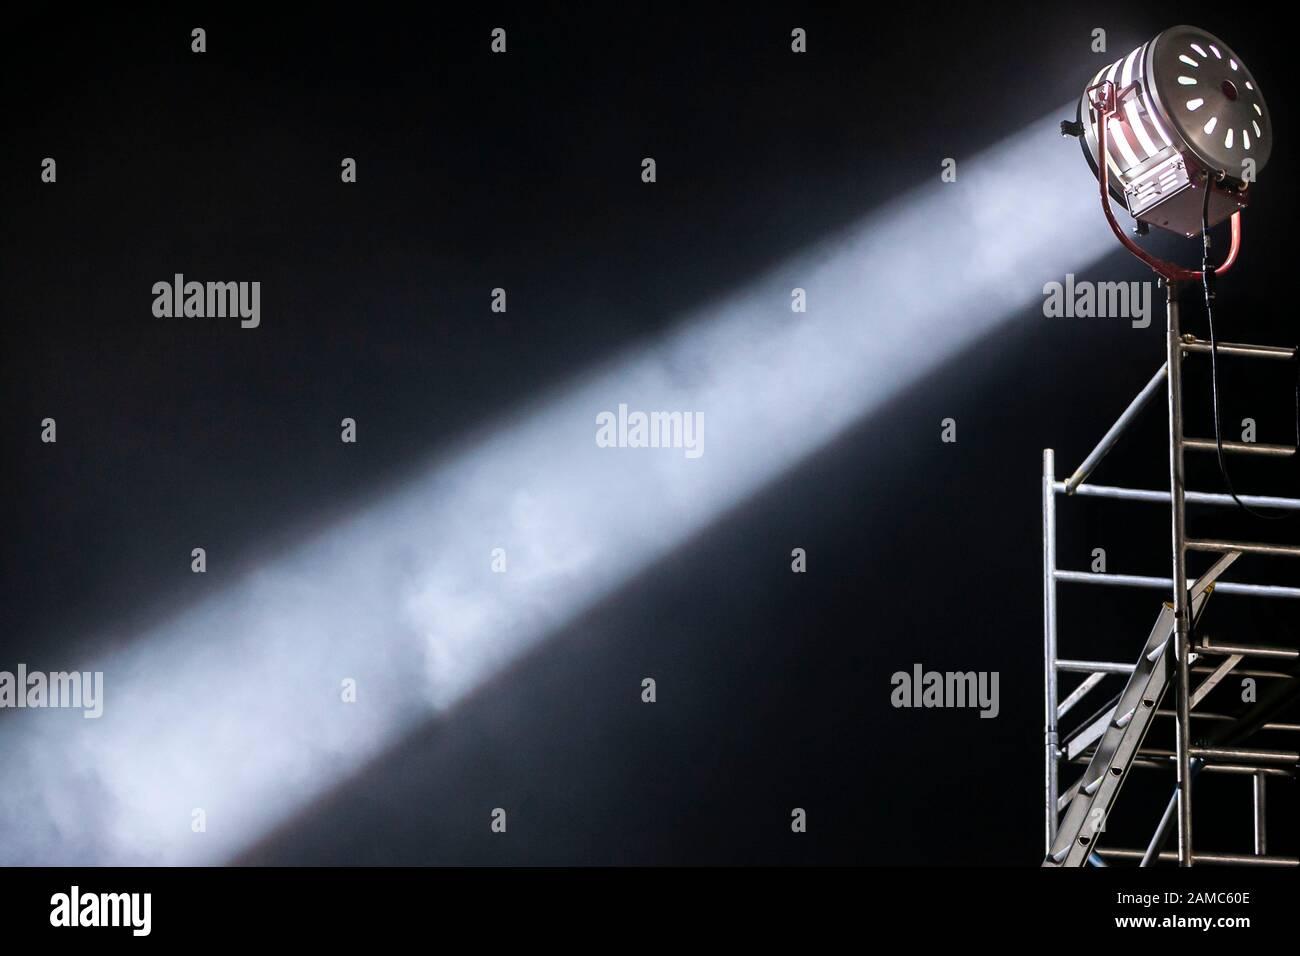 Starker und fokussierter diagonaler Lichtstrahl aus einem Scheinwerferlicht für die Filmbeleuchtung Stockfoto